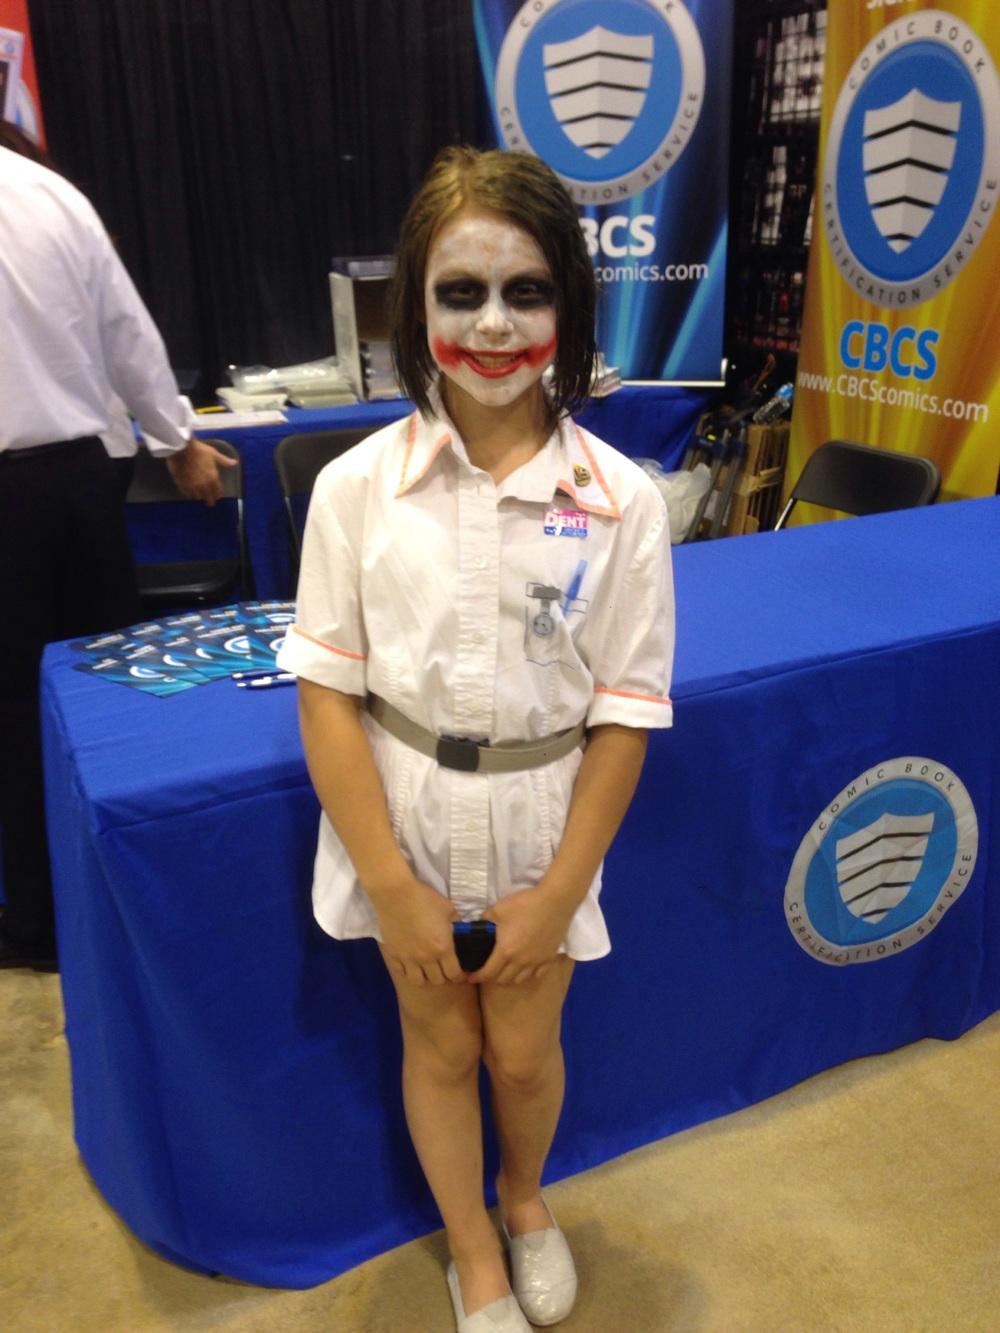 Cutest little Joker you ever saw.